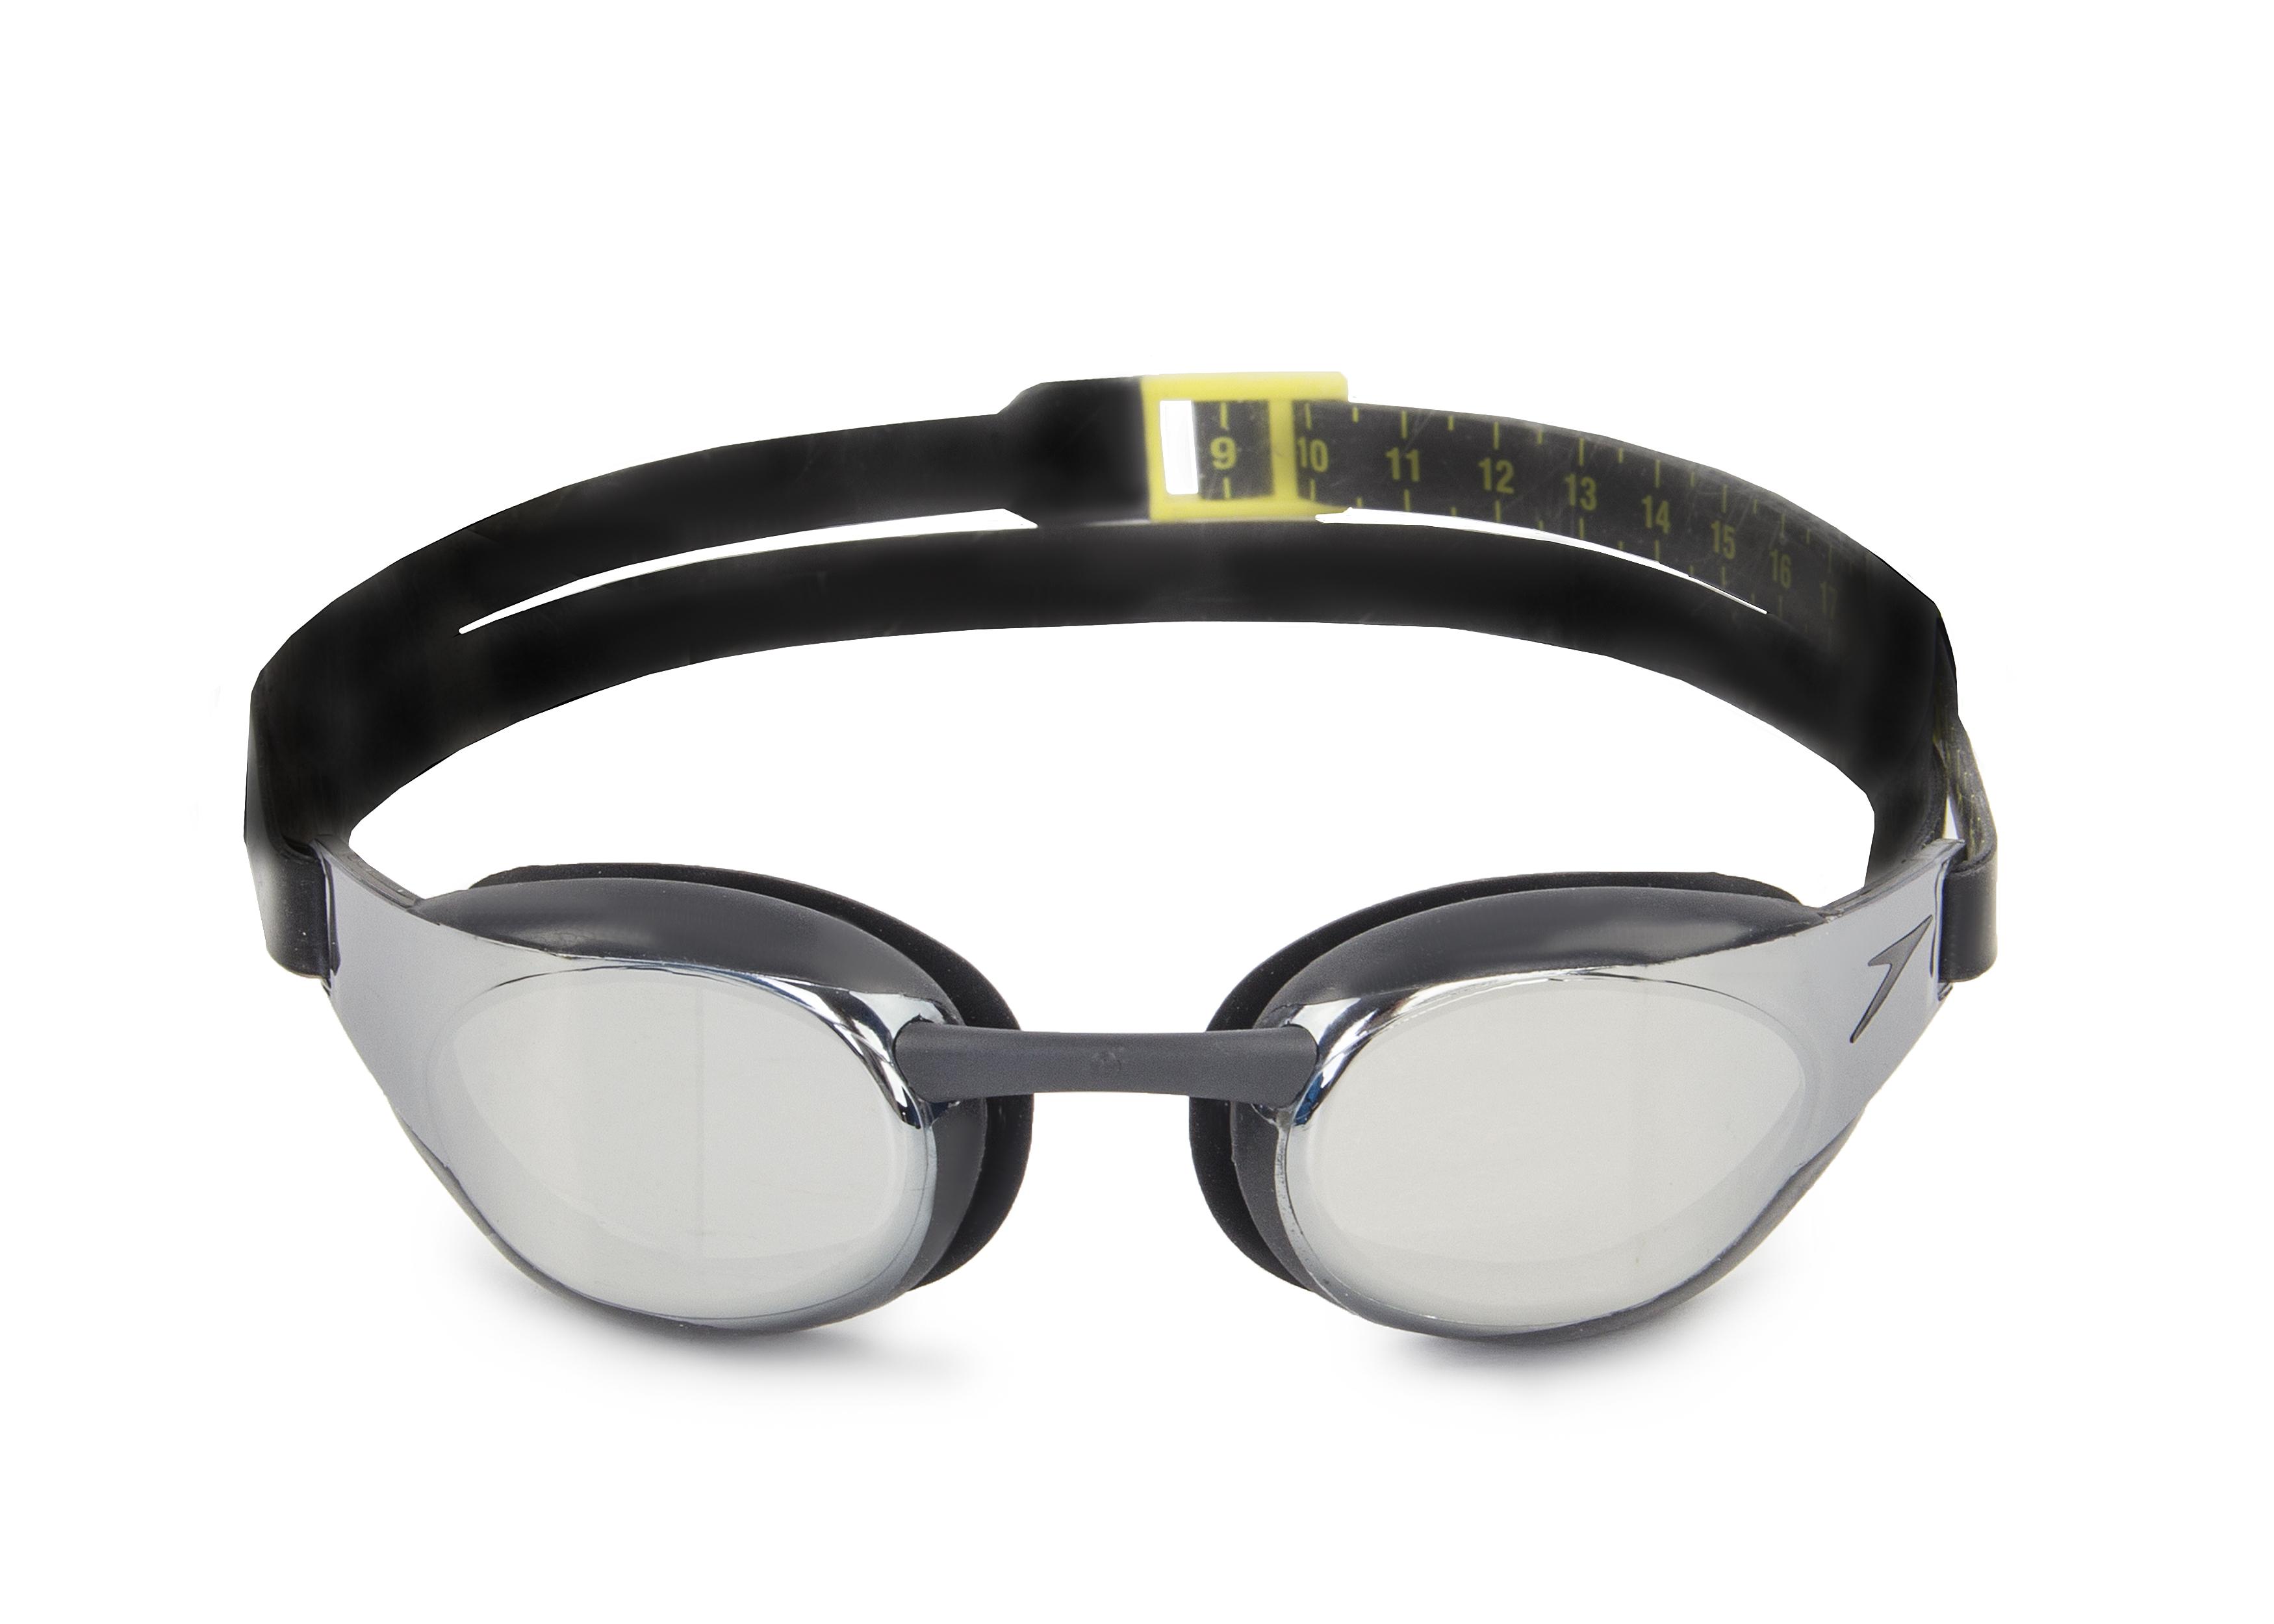 Заказать очки гуглес для беспилотника в орск купить очки dji на avito в новочеркасск